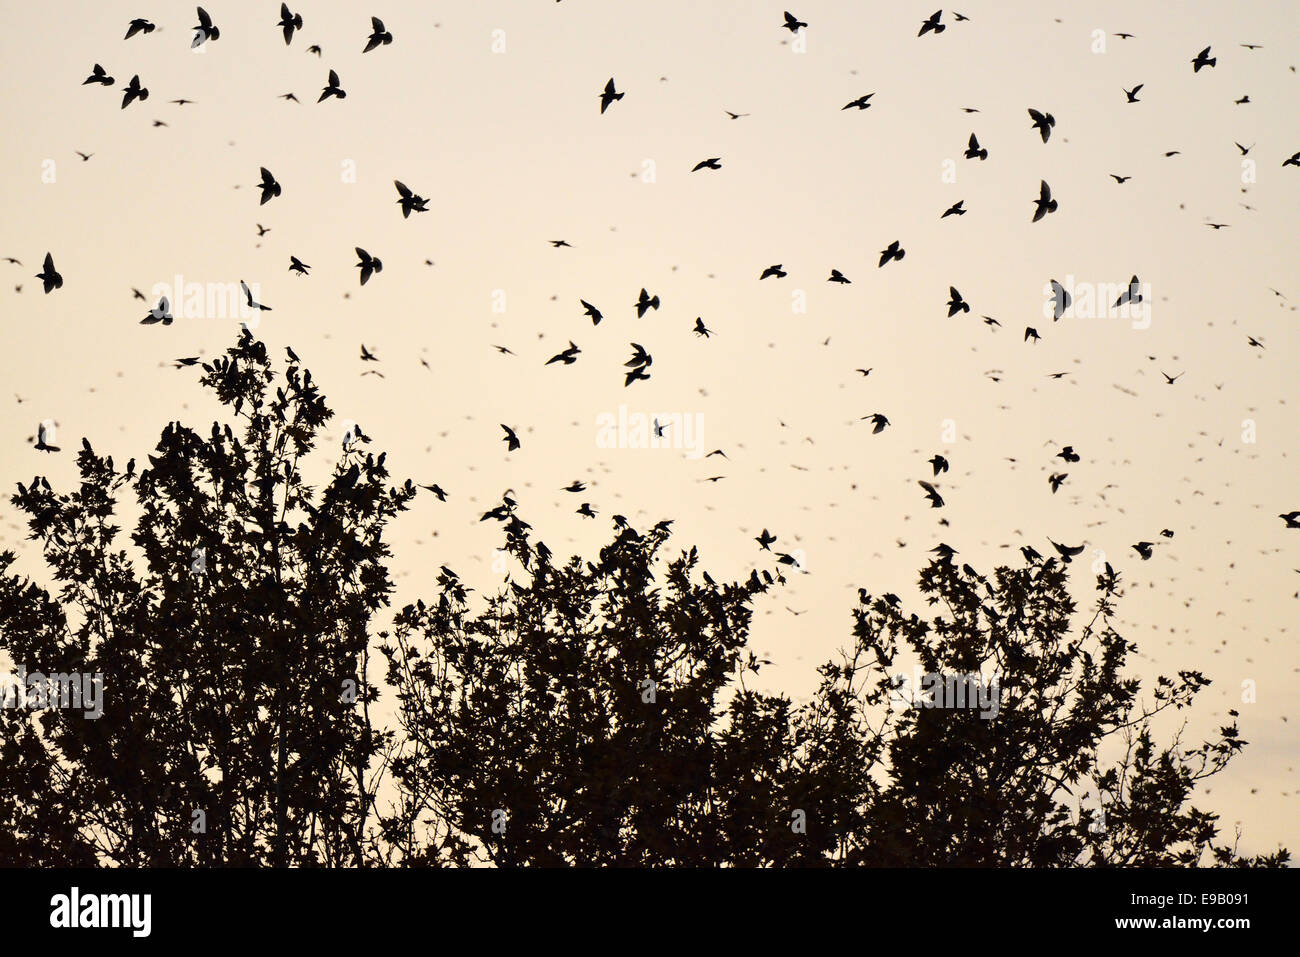 Troupeau d'oiseaux, de l'Étourneau sansonnet (Sturnus vulgaris) à l'égard de leur arbre Photo Stock